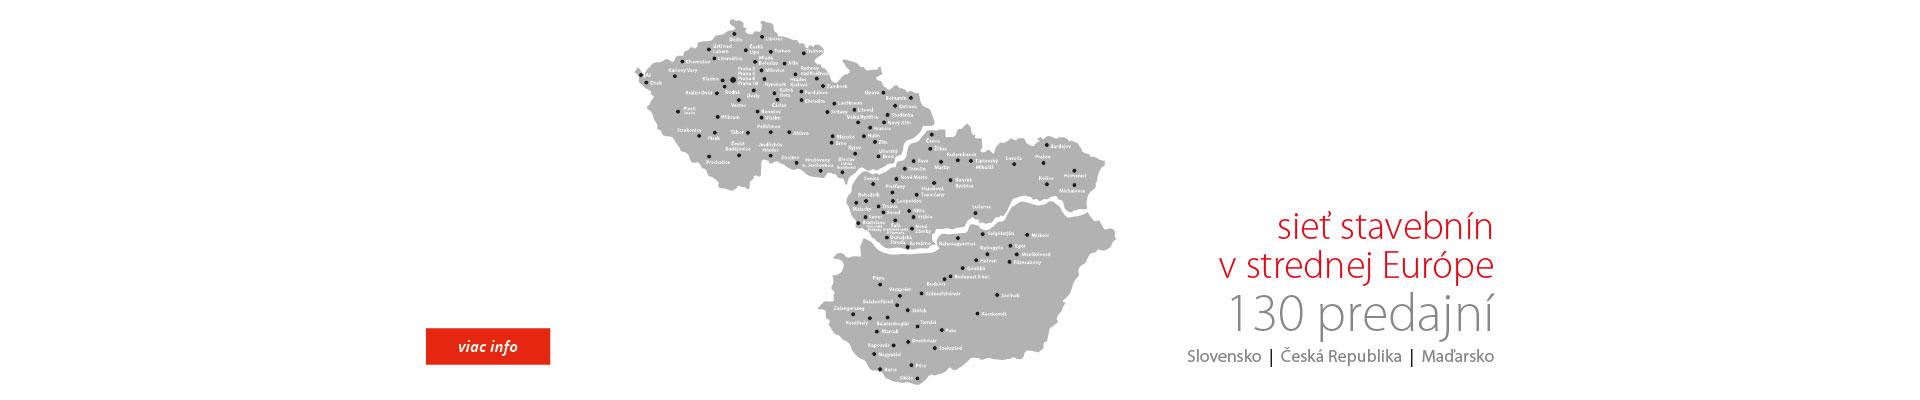 sieť stavebnín